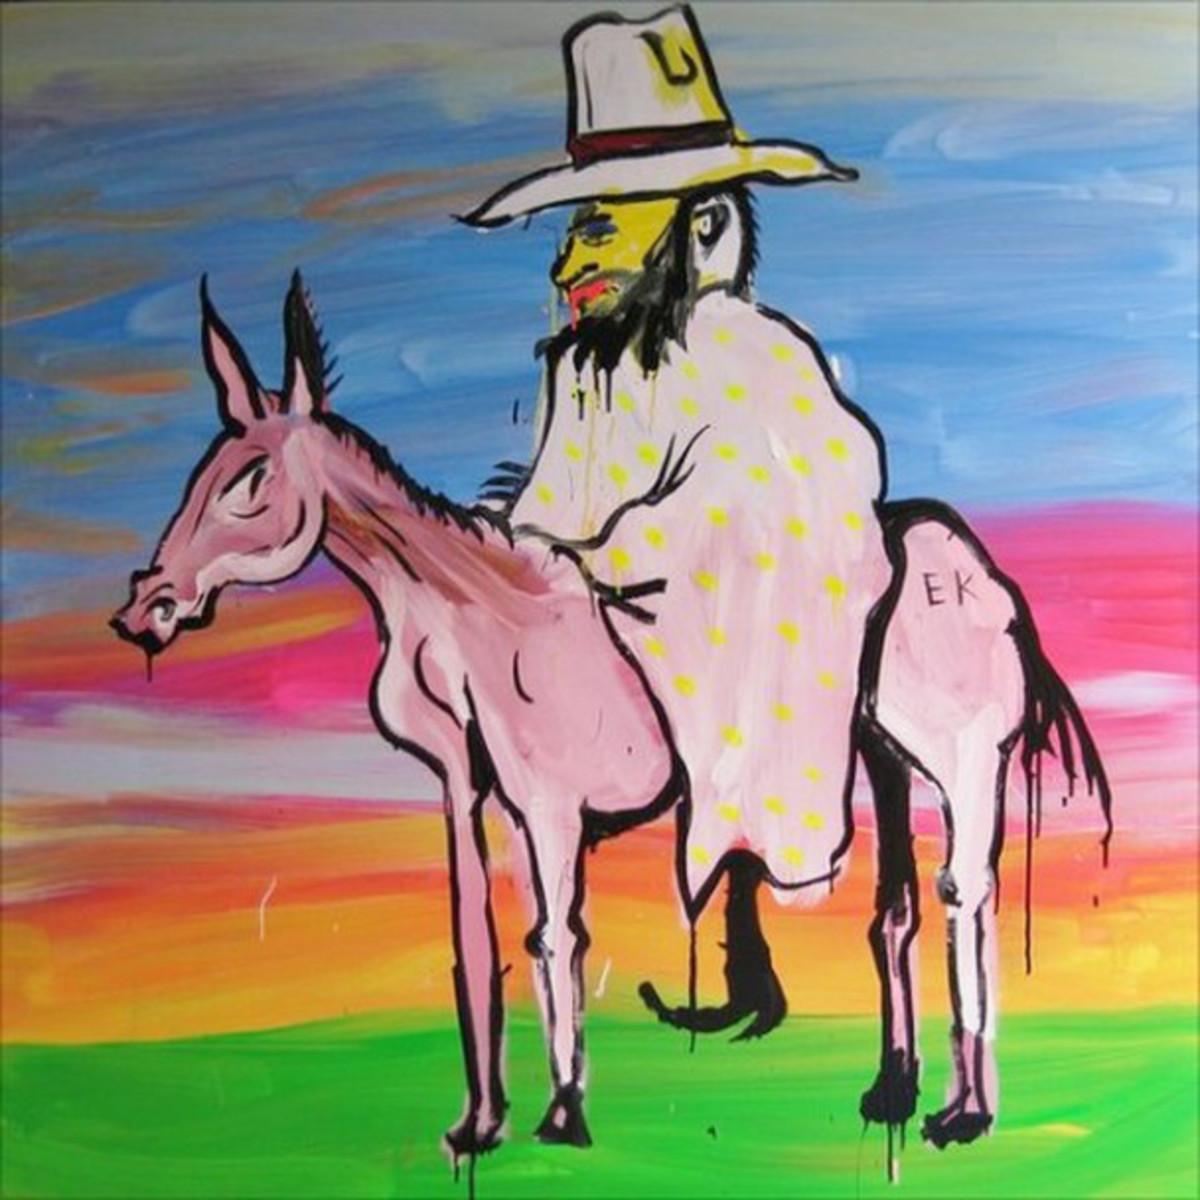 Edward Kelly on a pink horse